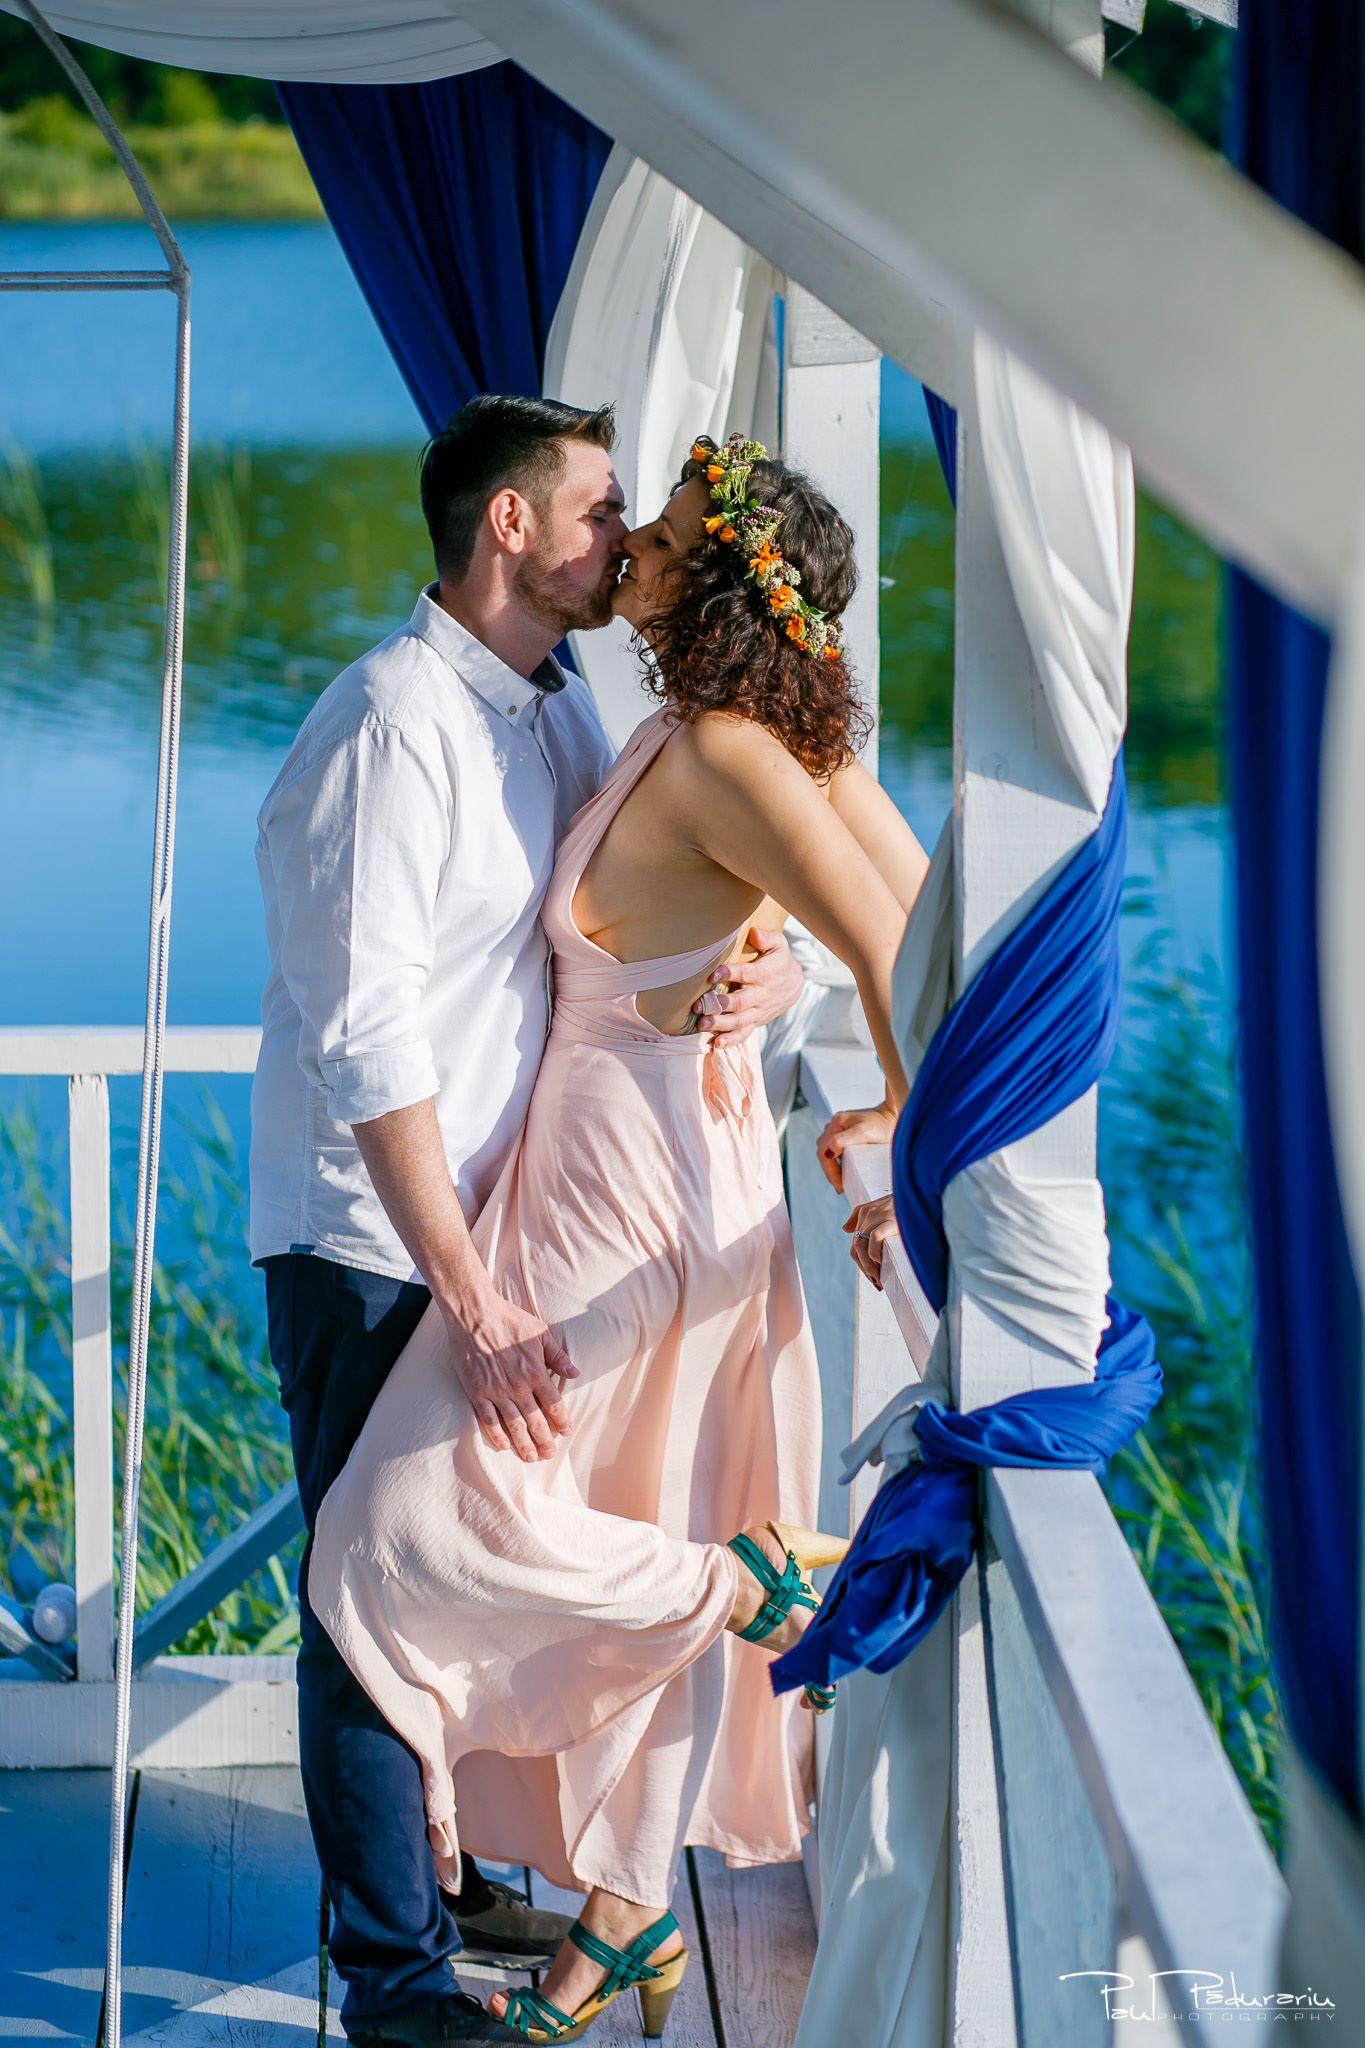 Mircea si Adina - shooting outdoor fotografie logodna | paul padurariu fotograf iasi 2019 8